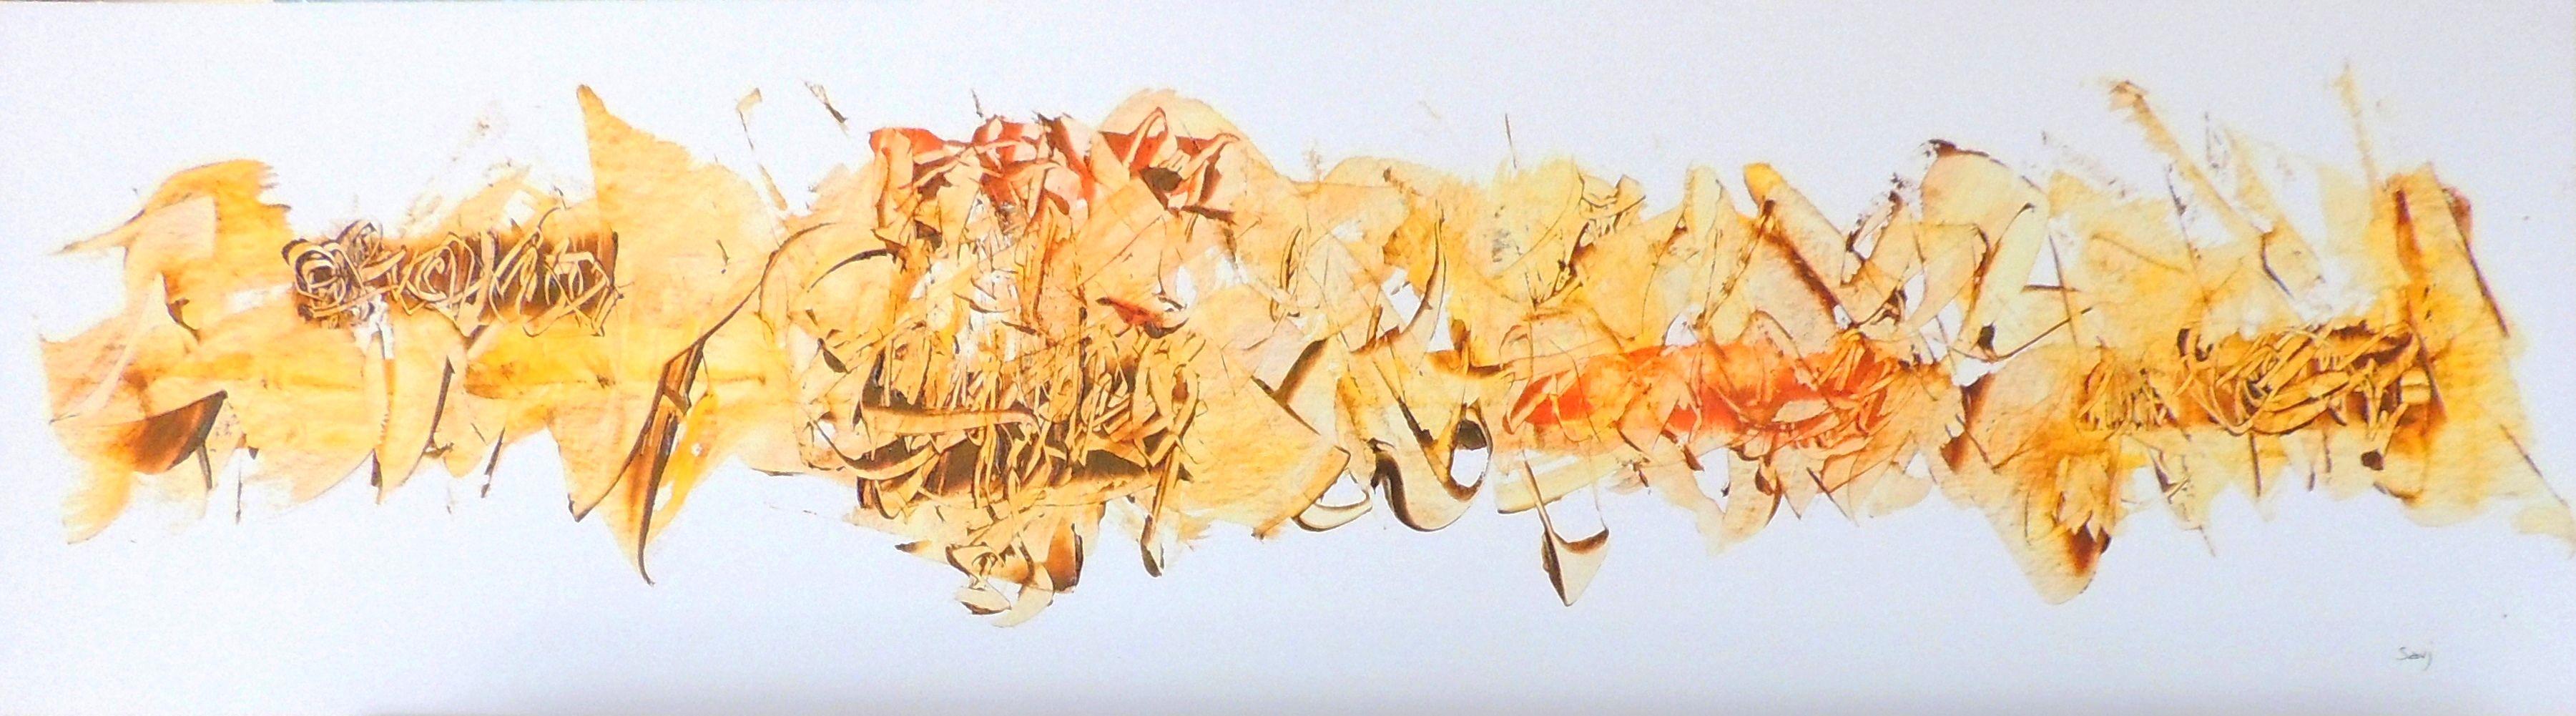 jean claude savi peinture acrylique sur papier 7